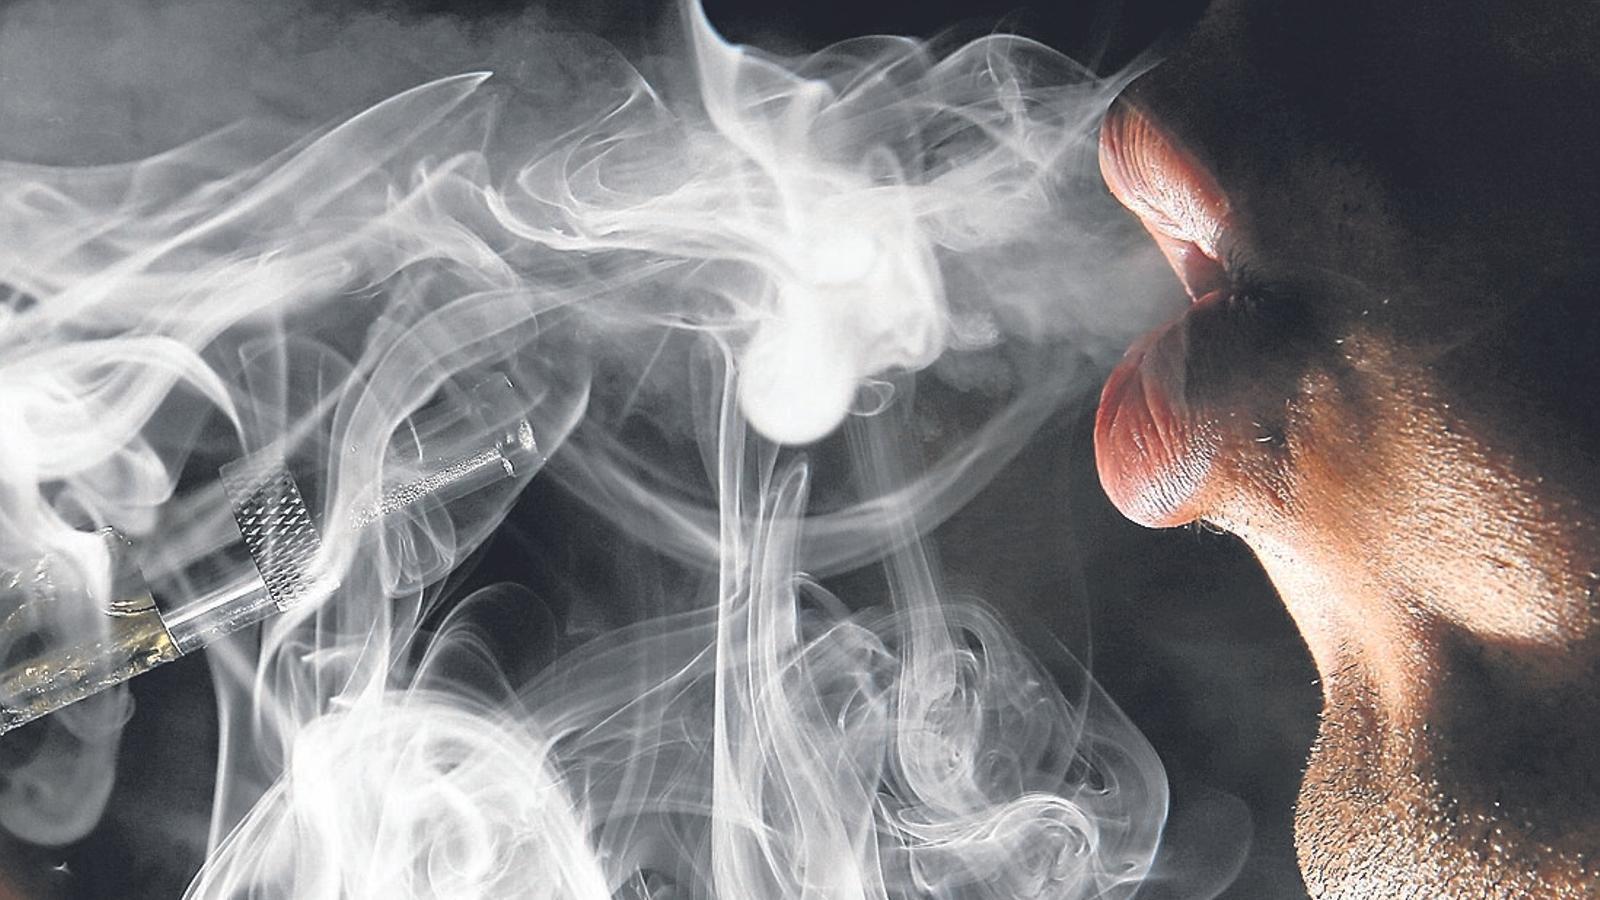 Les cigarretes electròniques, porta d'entrada al tabac per als adolescents